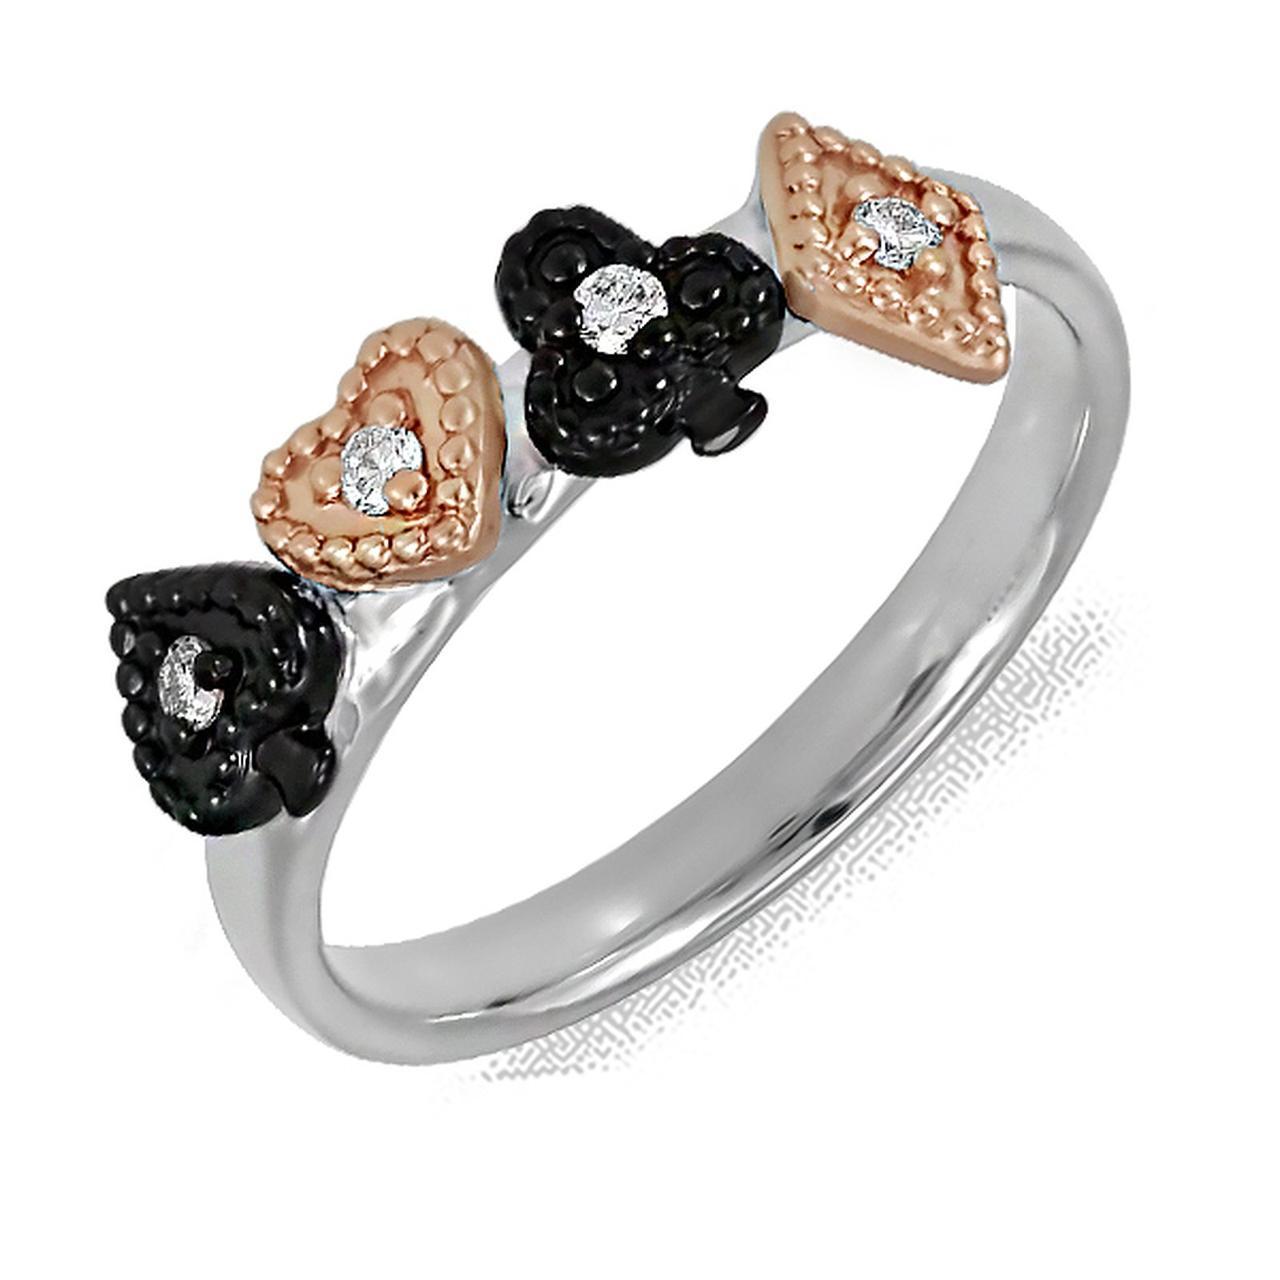 Золотое кольцо с бриллиантами, размер 17.5 (166068)